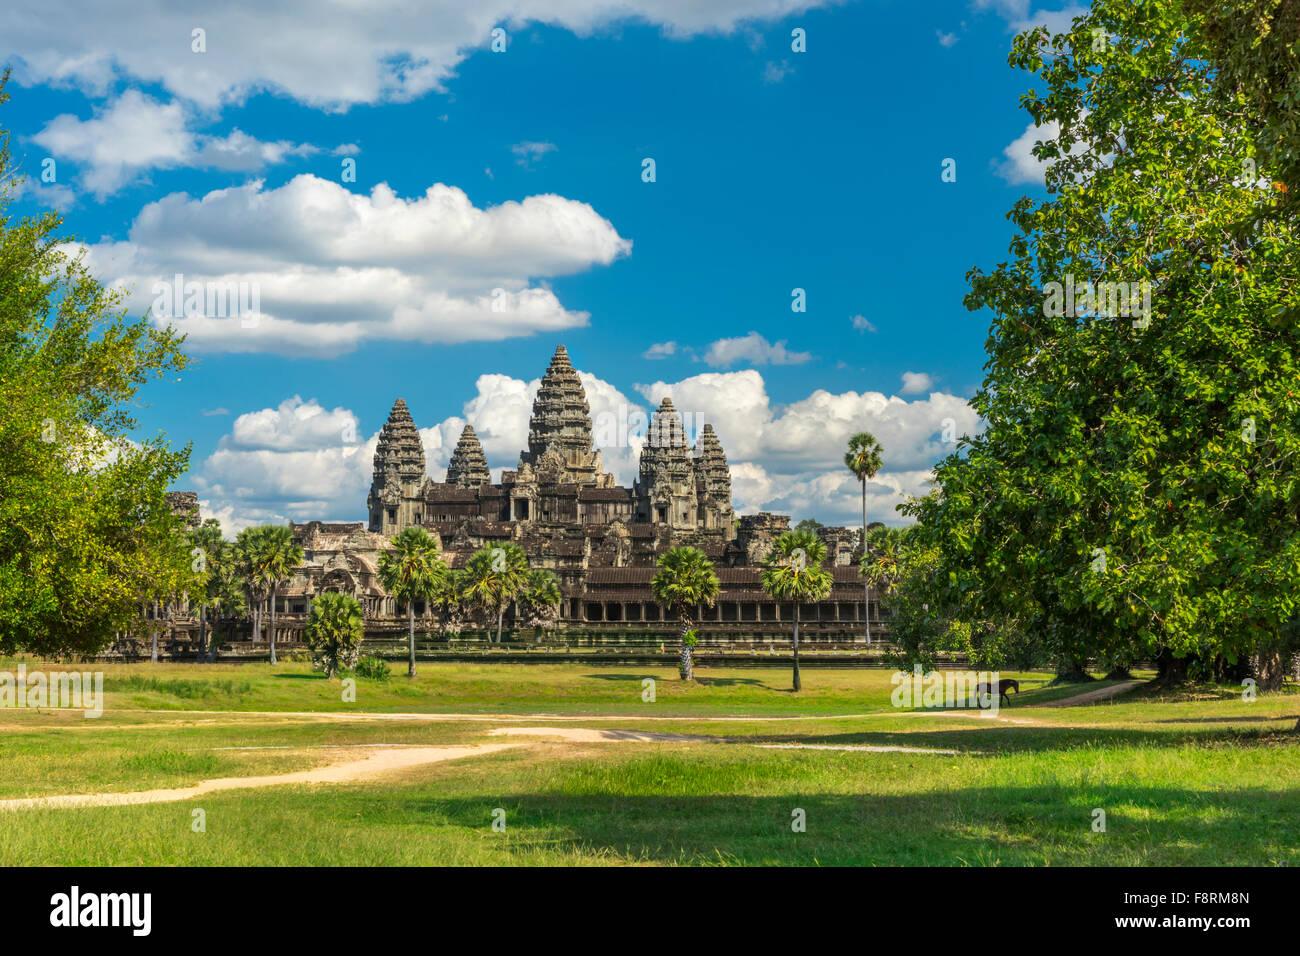 Antike Tempel Angkor Wat an einem sonnigen Tag mit Pferd, blaue Bettgestells und viele Wolken in Siem Reap. Kambodscha Stockbild